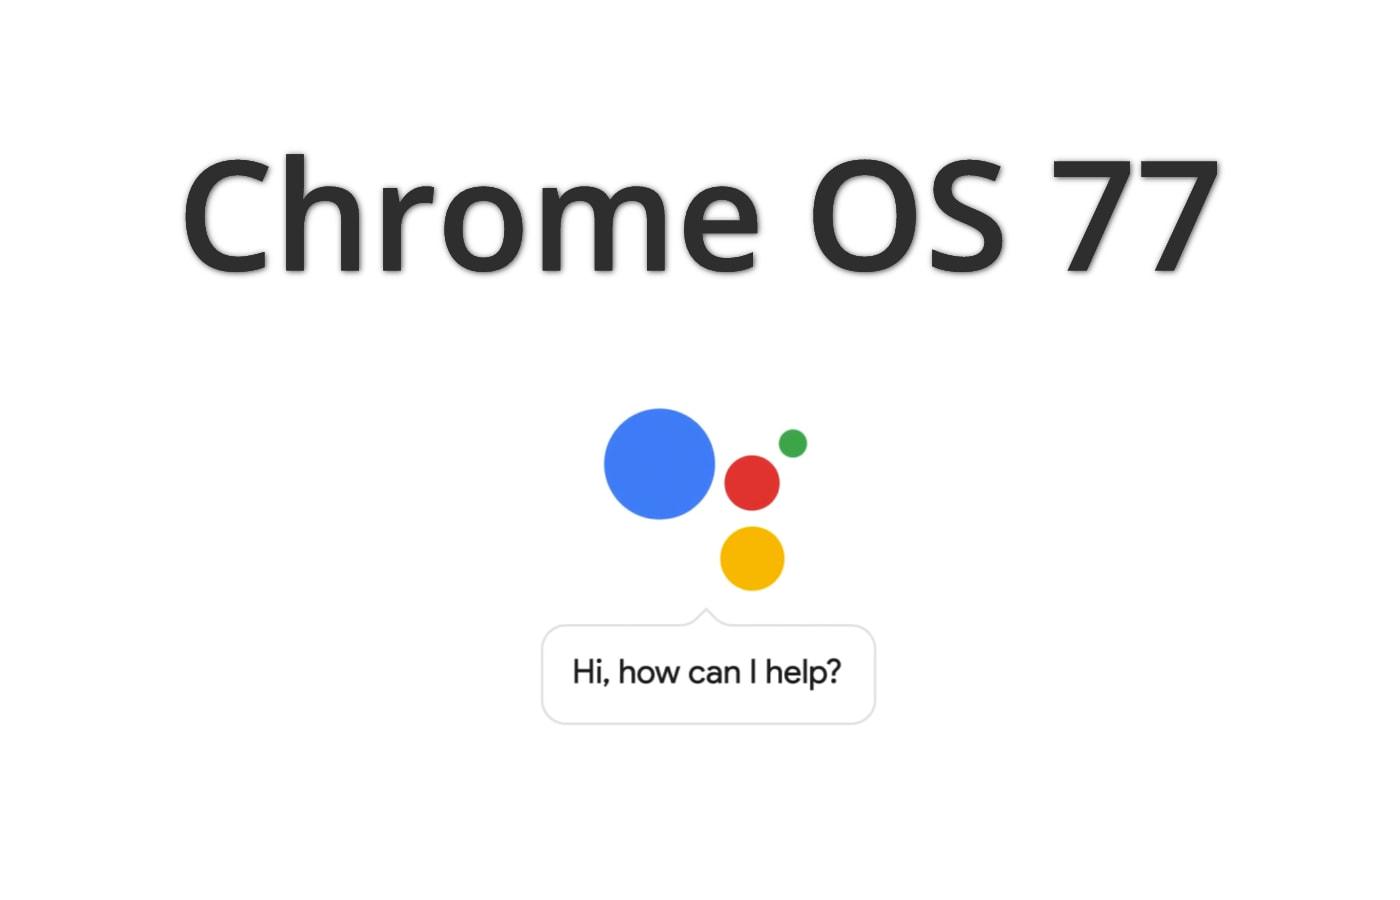 Chrome OS گوگل سیستم عامل سیستم عامل Chrome OS گوگل اسیستنت